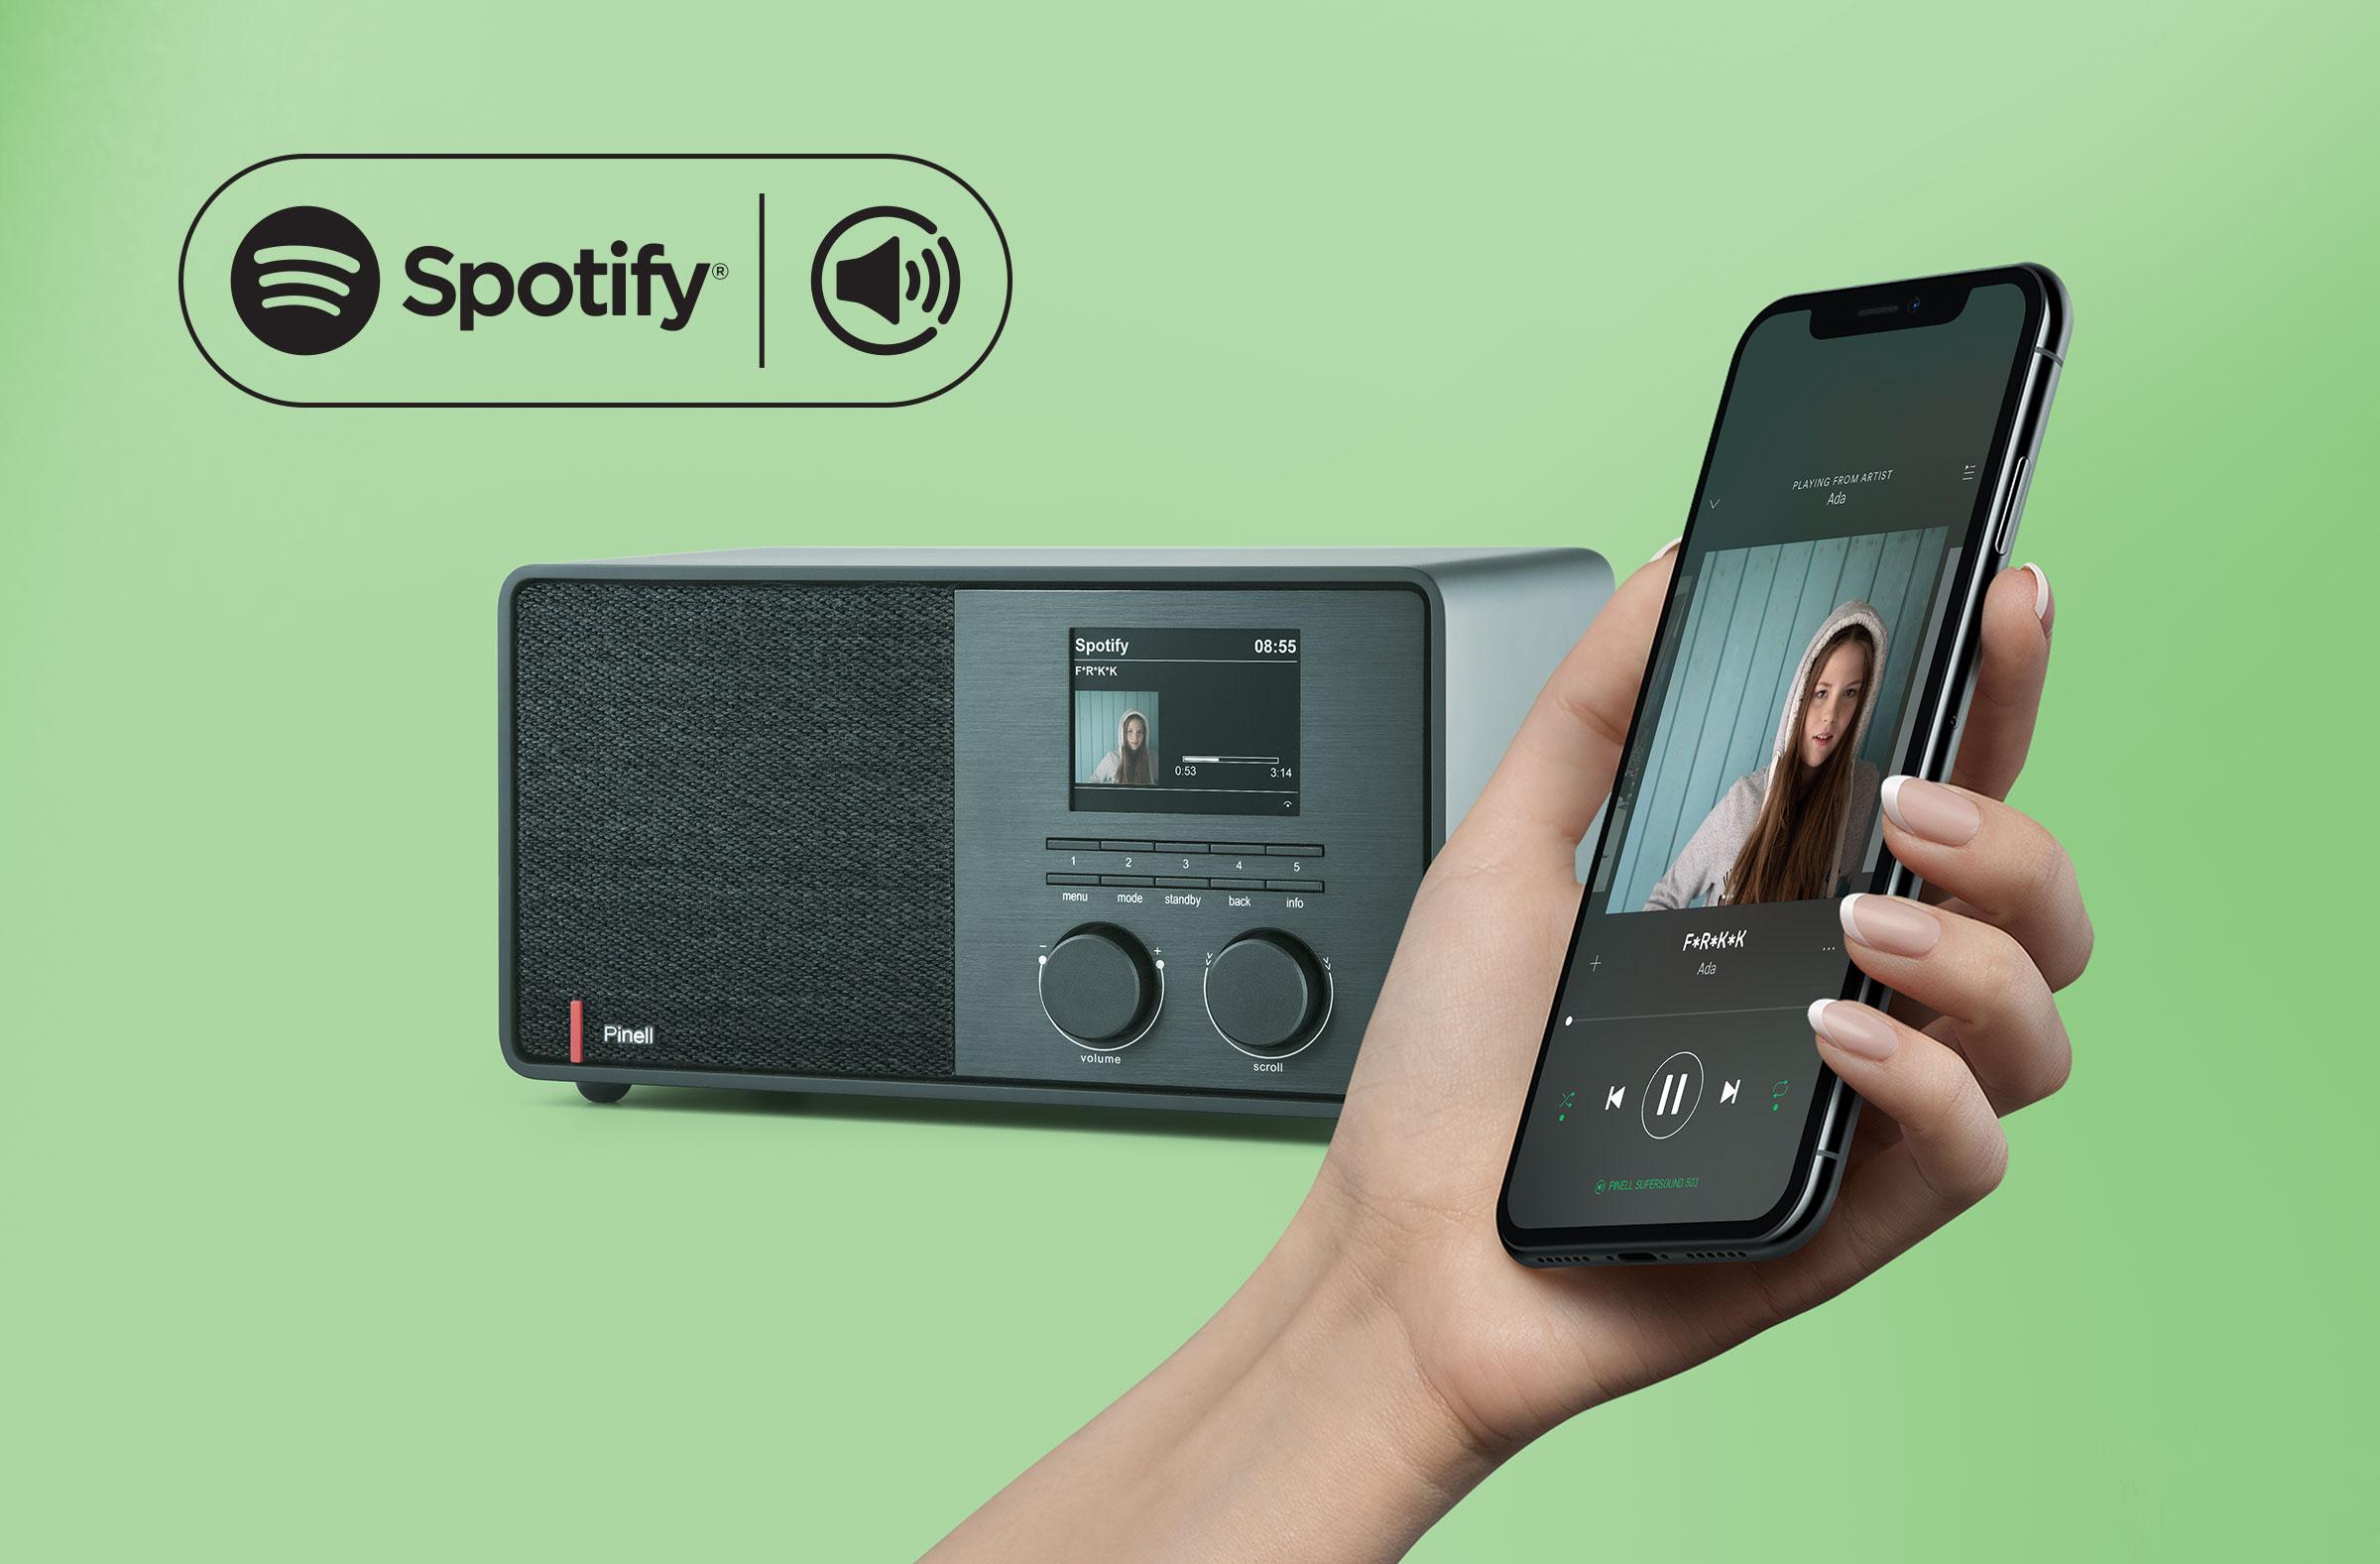 Lytt til det enorme  Spotify -biblioteket. Styr musikken på SUPERSOUND 301 ved hjelp av Spotify-appen på telefonen eller nettbrettet.